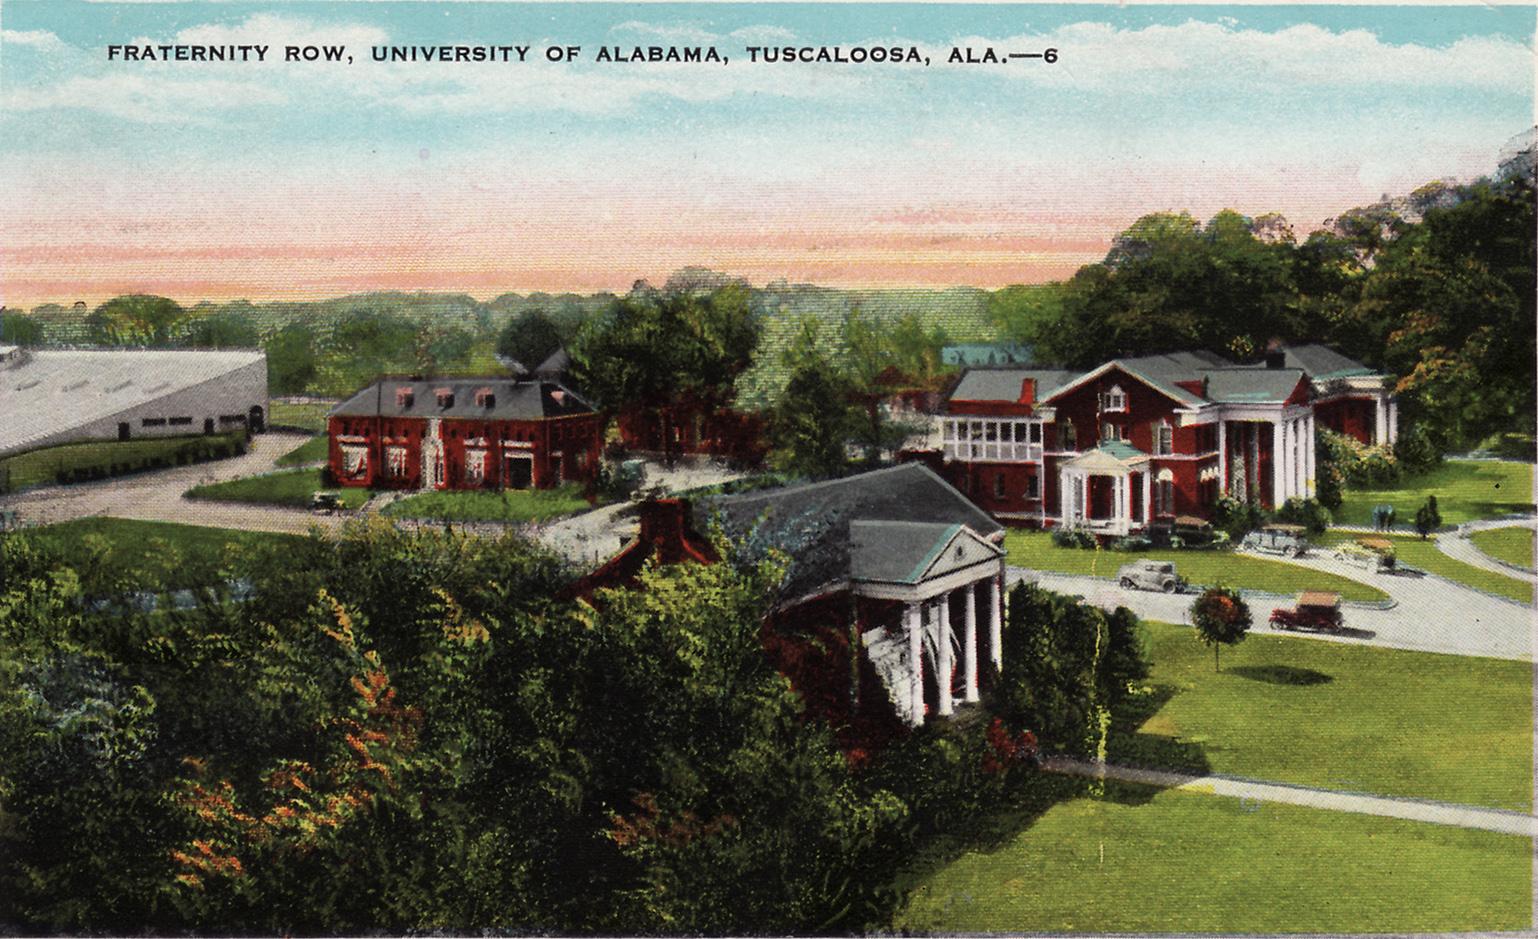 Alabama_Frat_Row